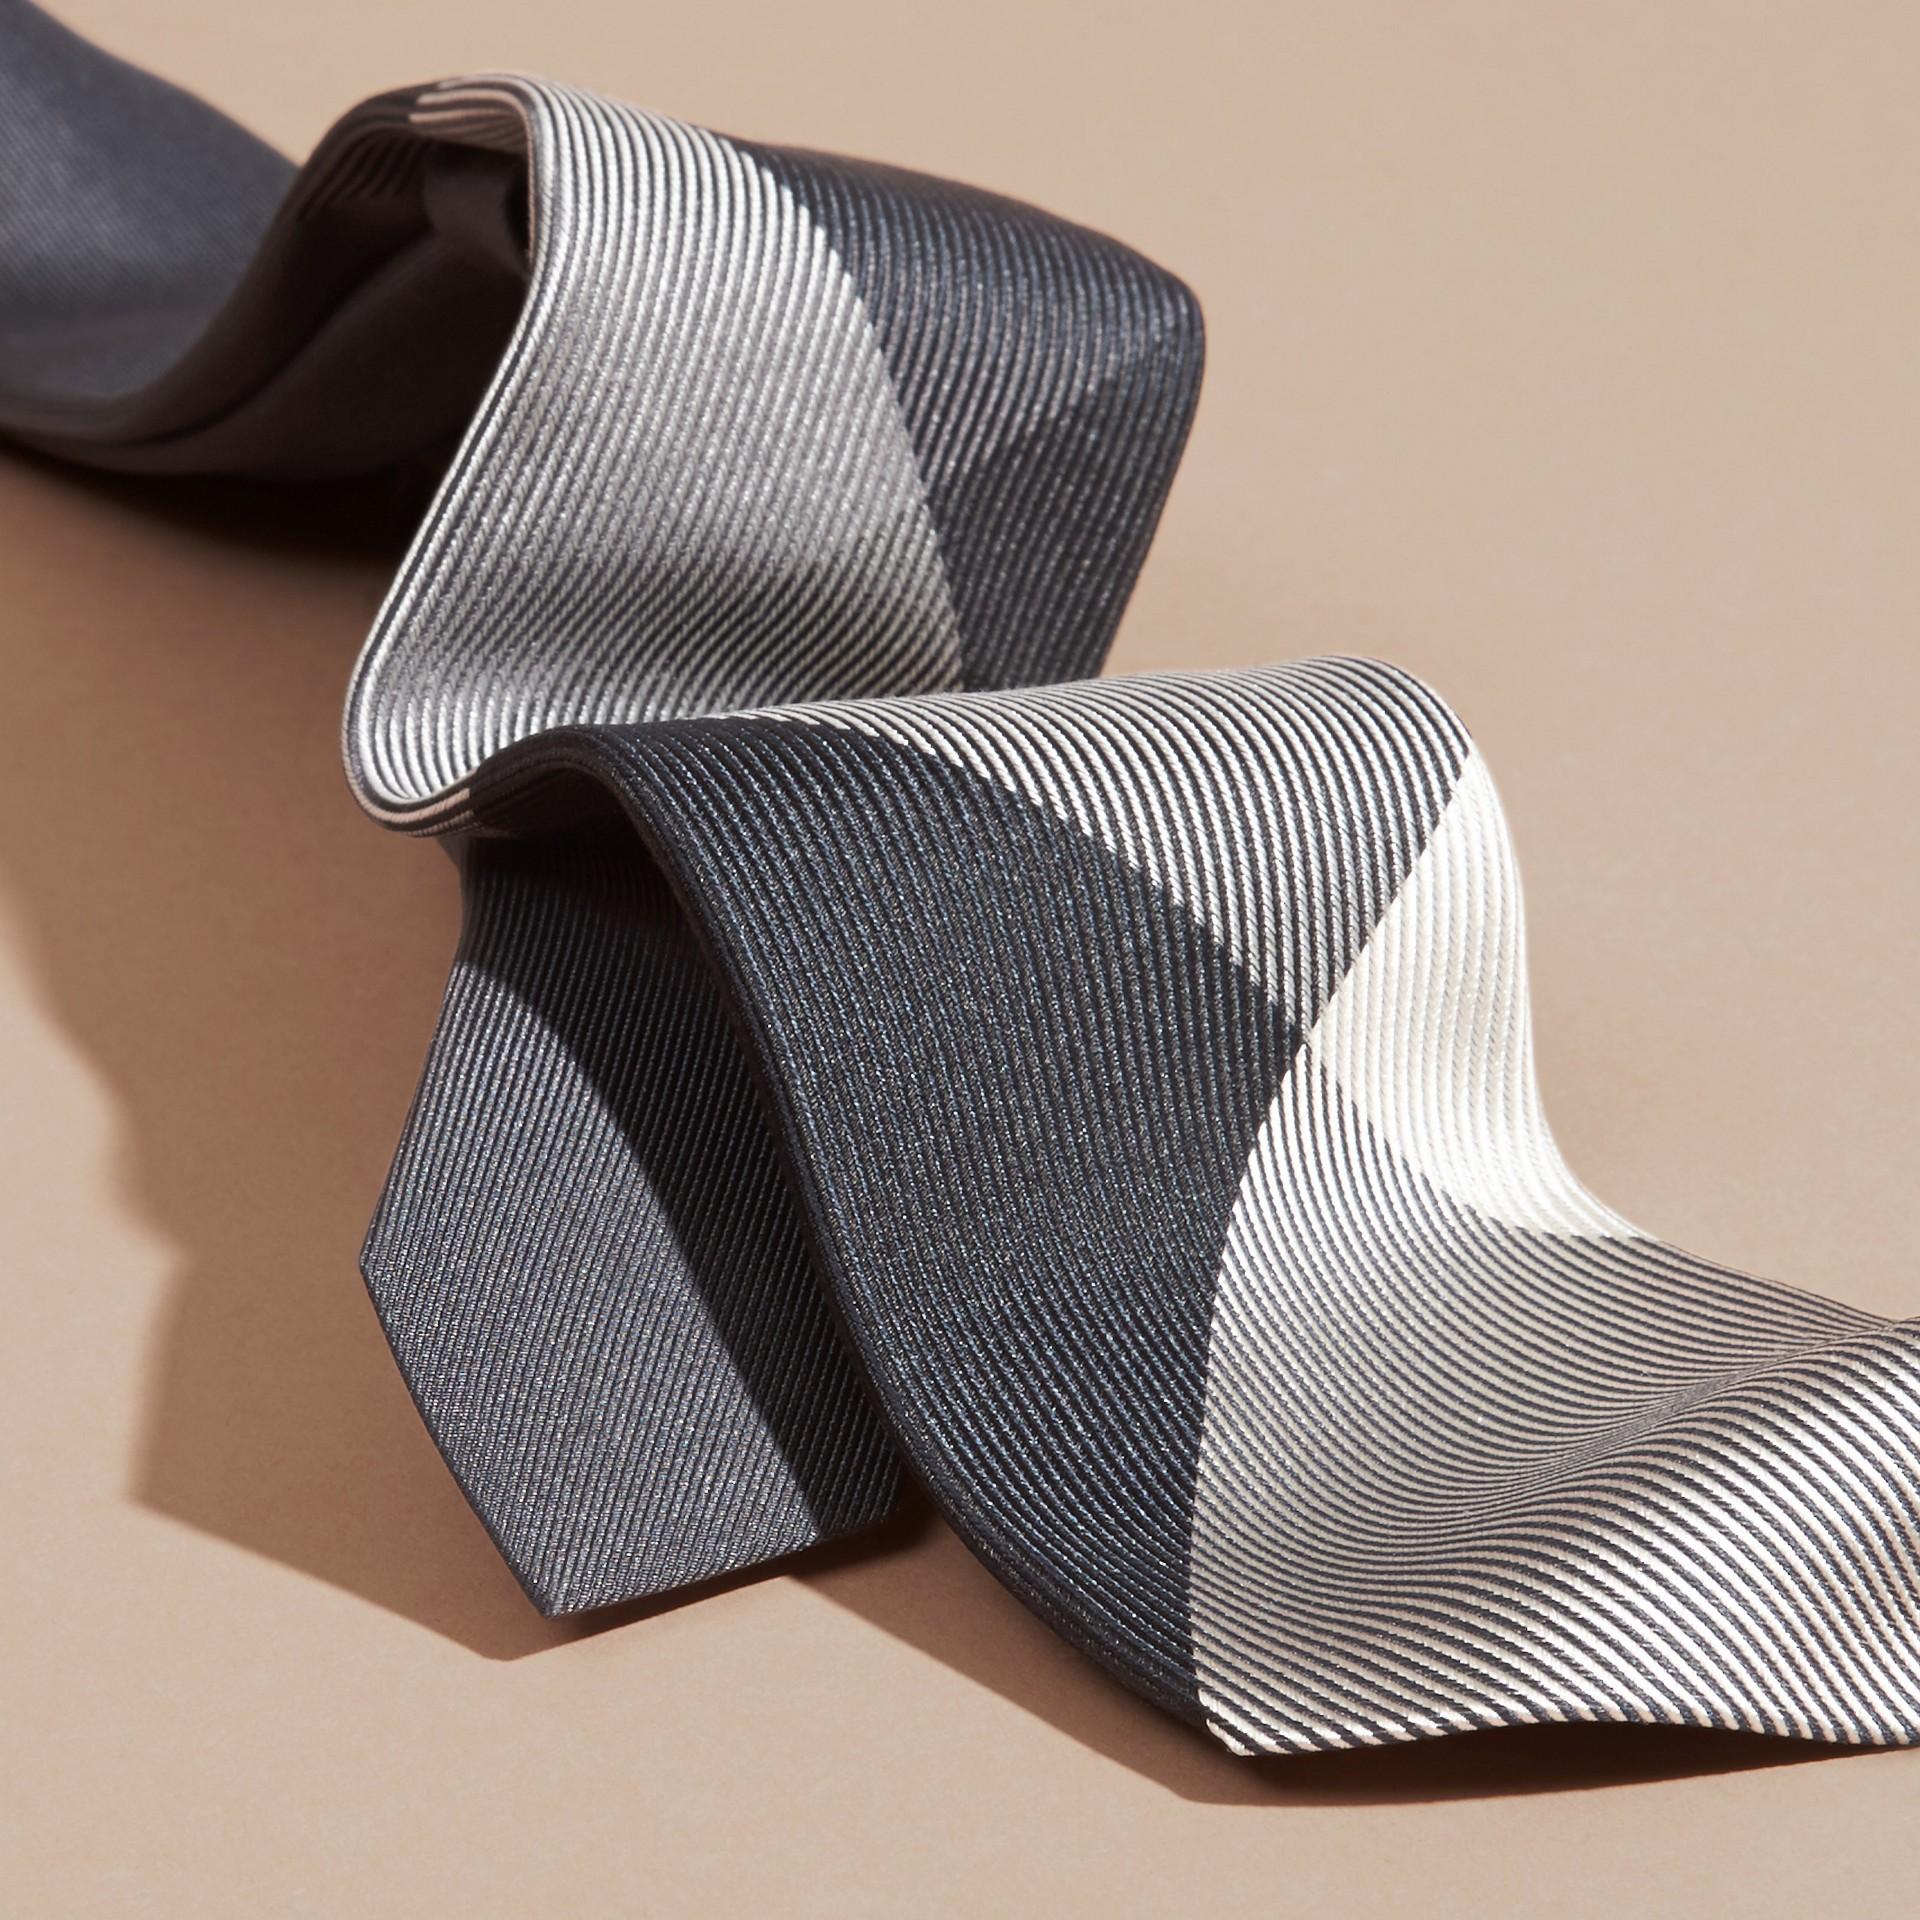 Grigio medio Cravatta dal taglio moderno in seta jacquard con motivo check Grigio Medio - immagine della galleria 2